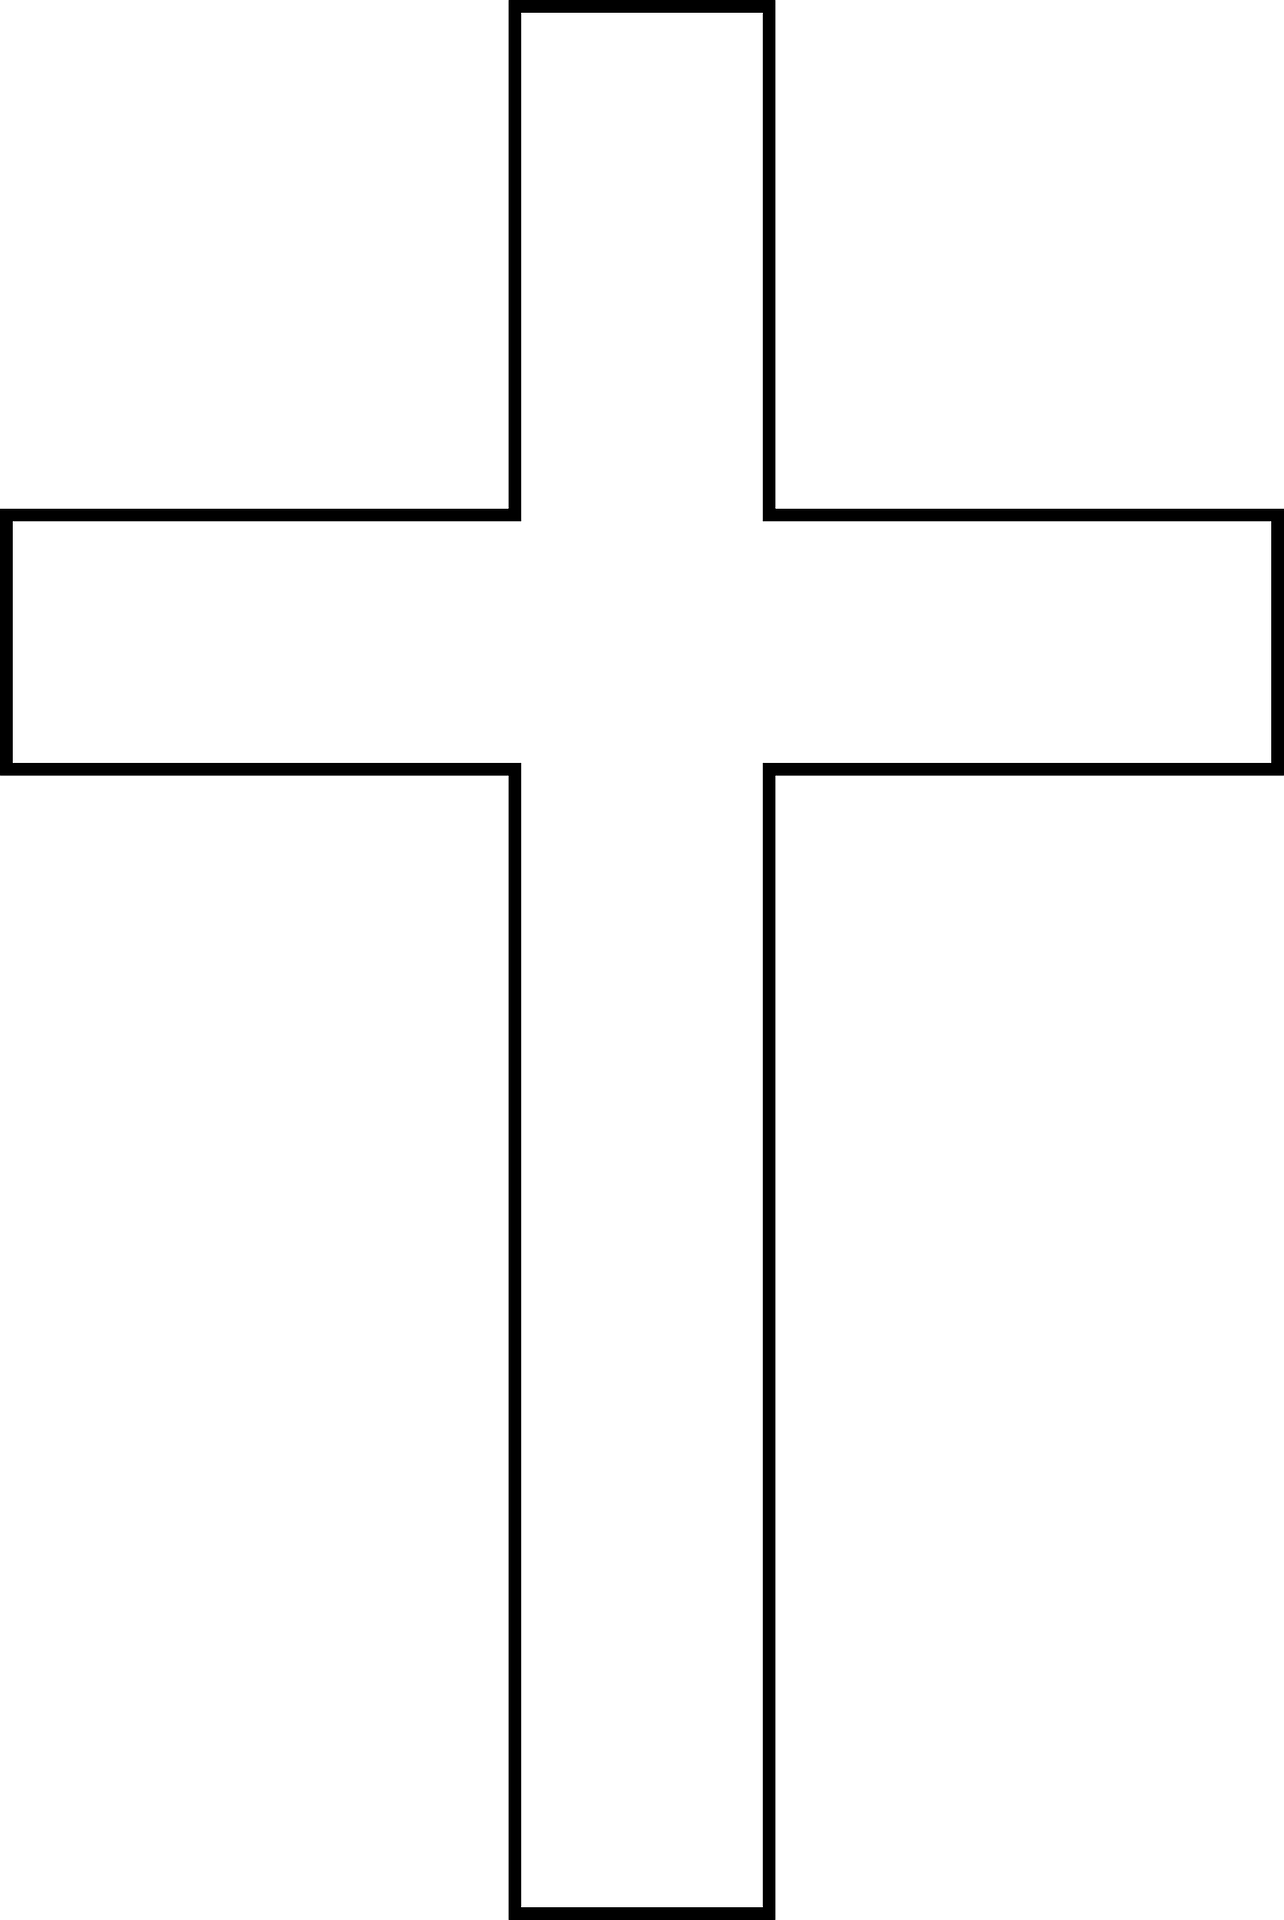 1284x1920 Cross Vector 2 An Images Hub